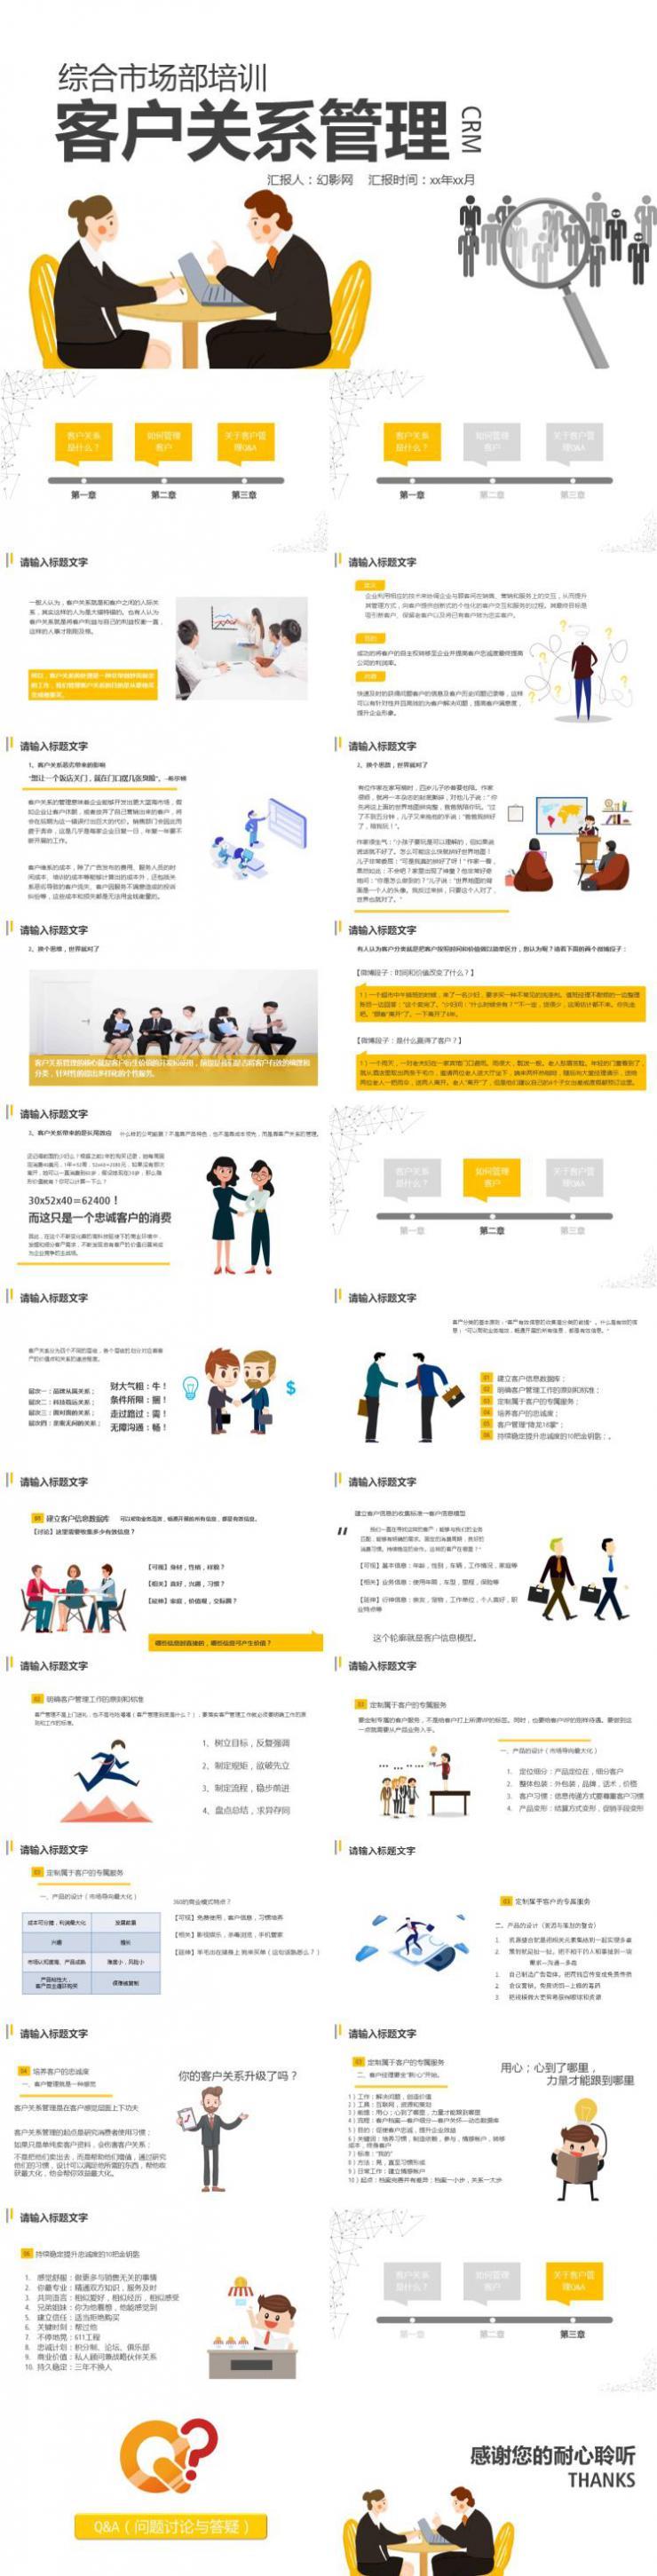 客户关系管理培训PPT模板